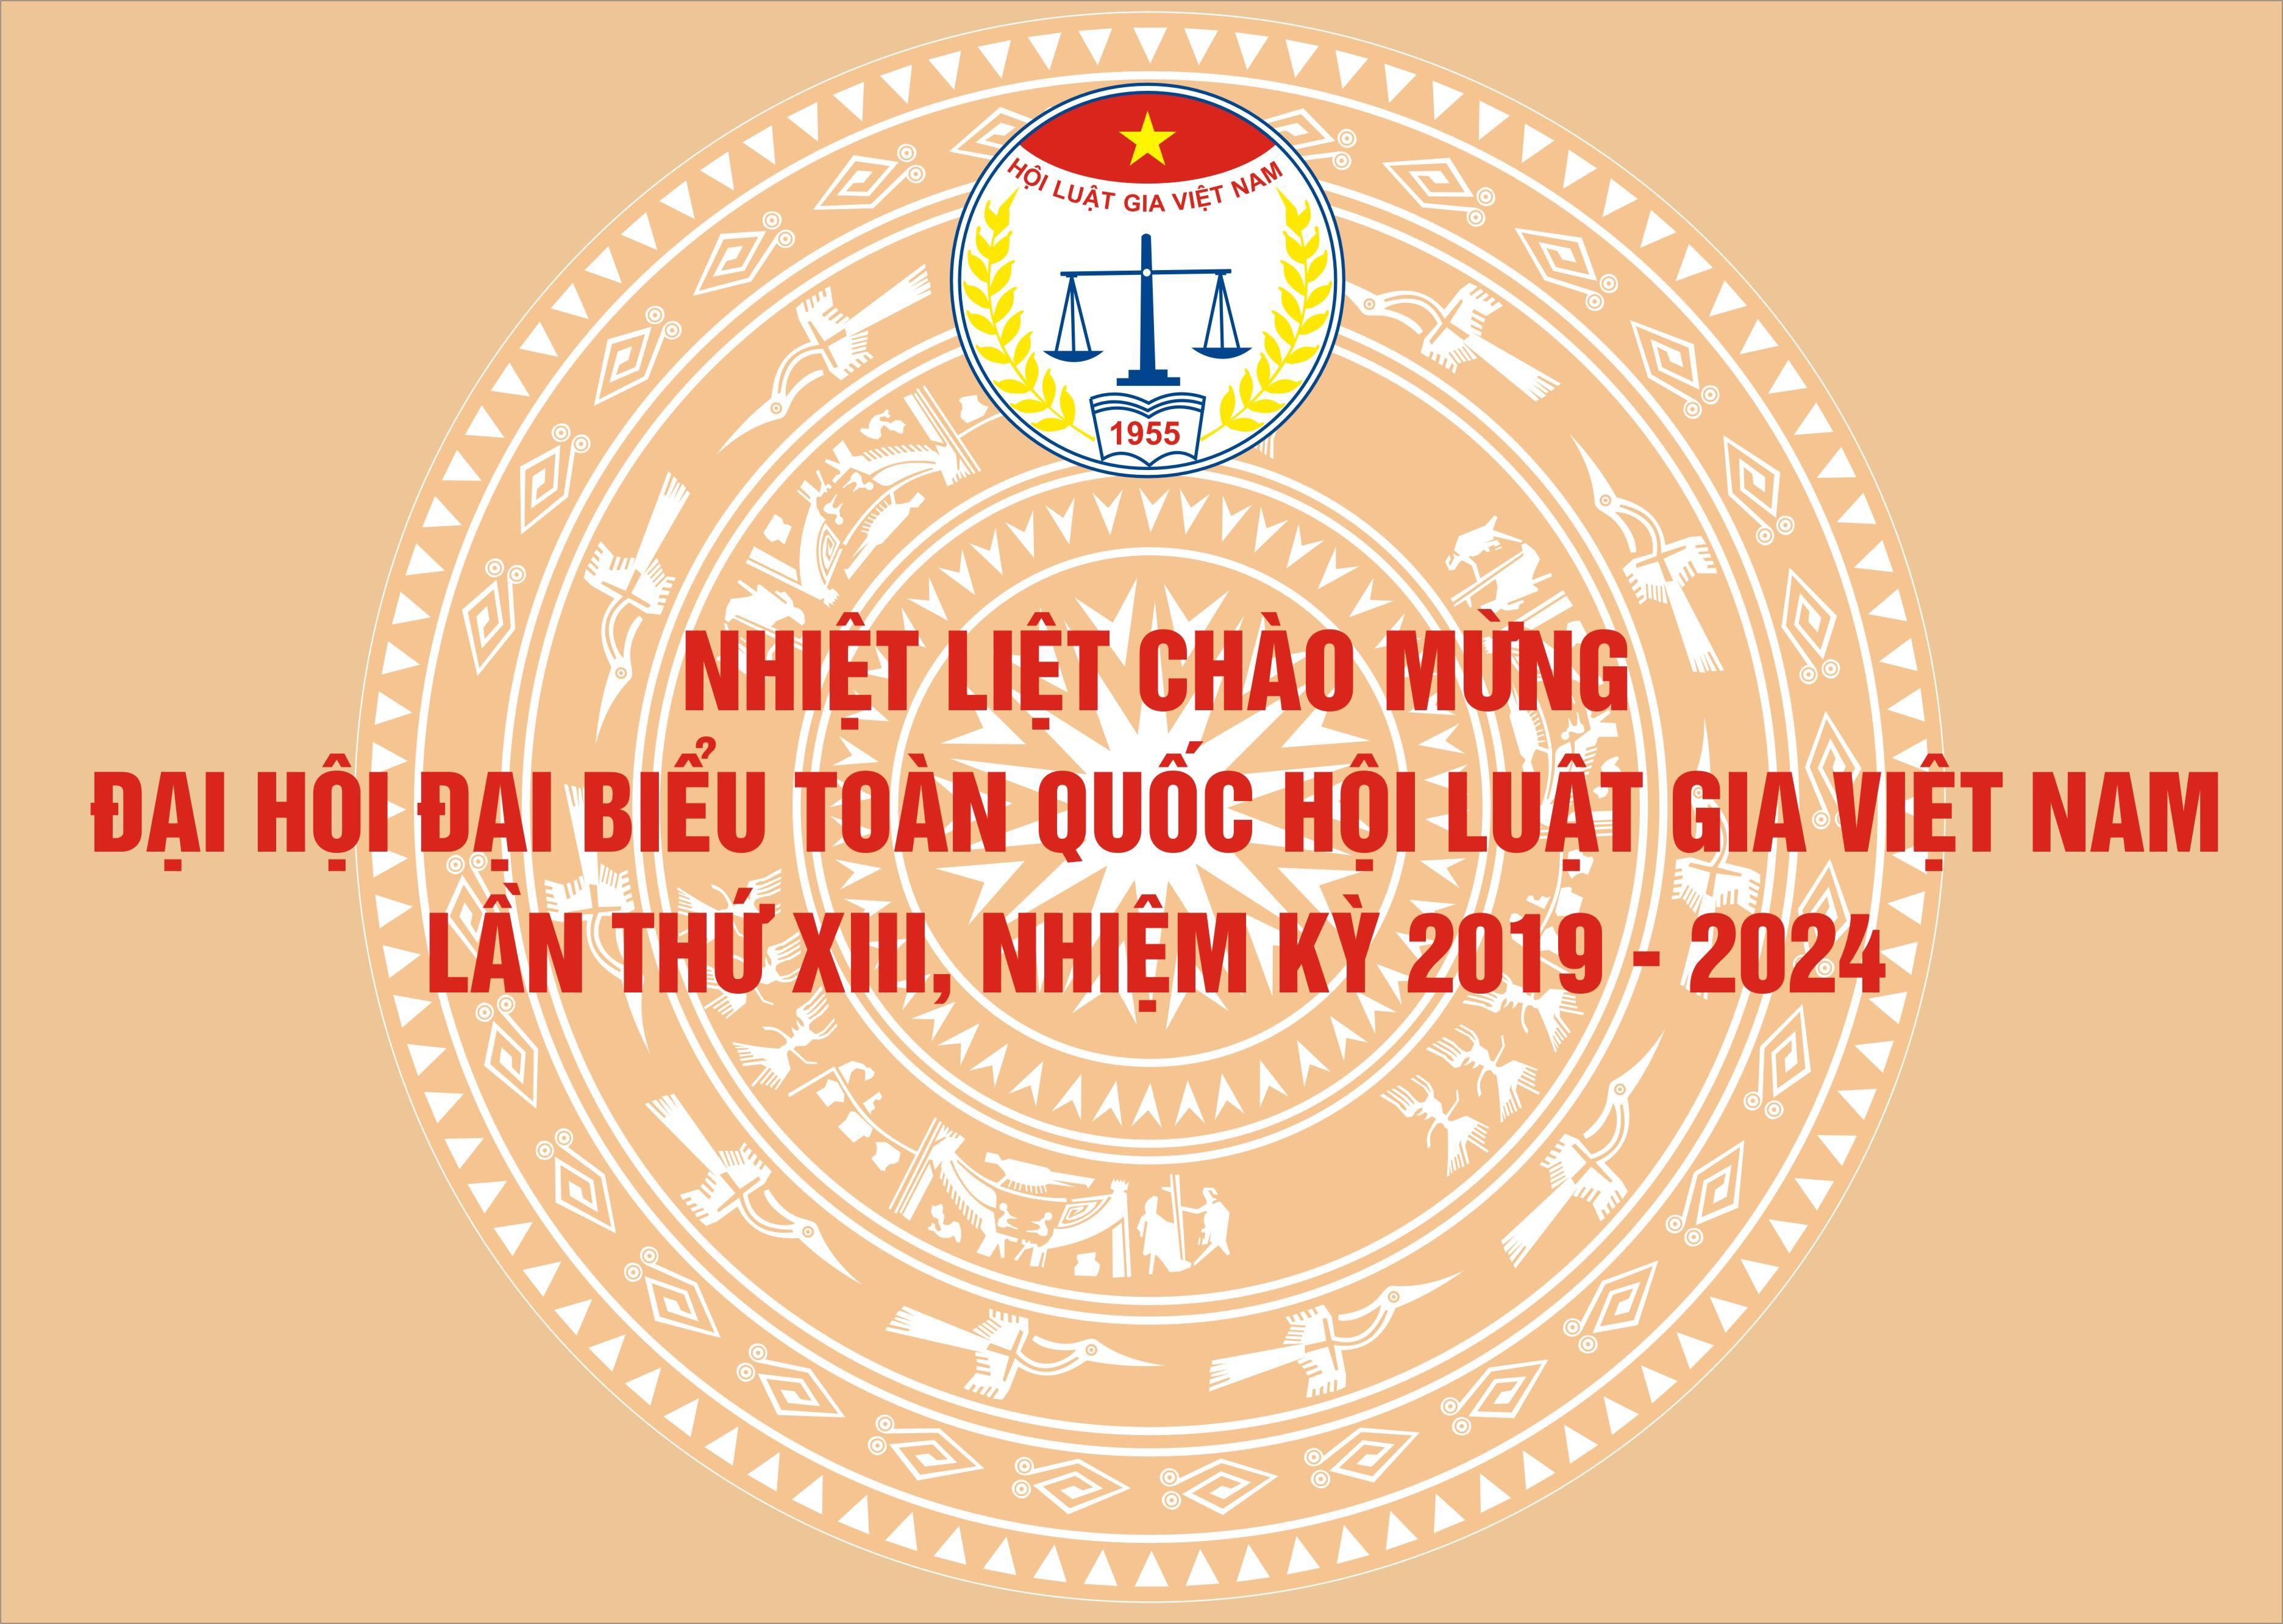 Thông cáo báo chí ĐHĐB toàn quốc Hội Luật Gia Việt Nam lần thứ XIII ( Nhiệm kỳ 2019- 2024) - ảnh 1